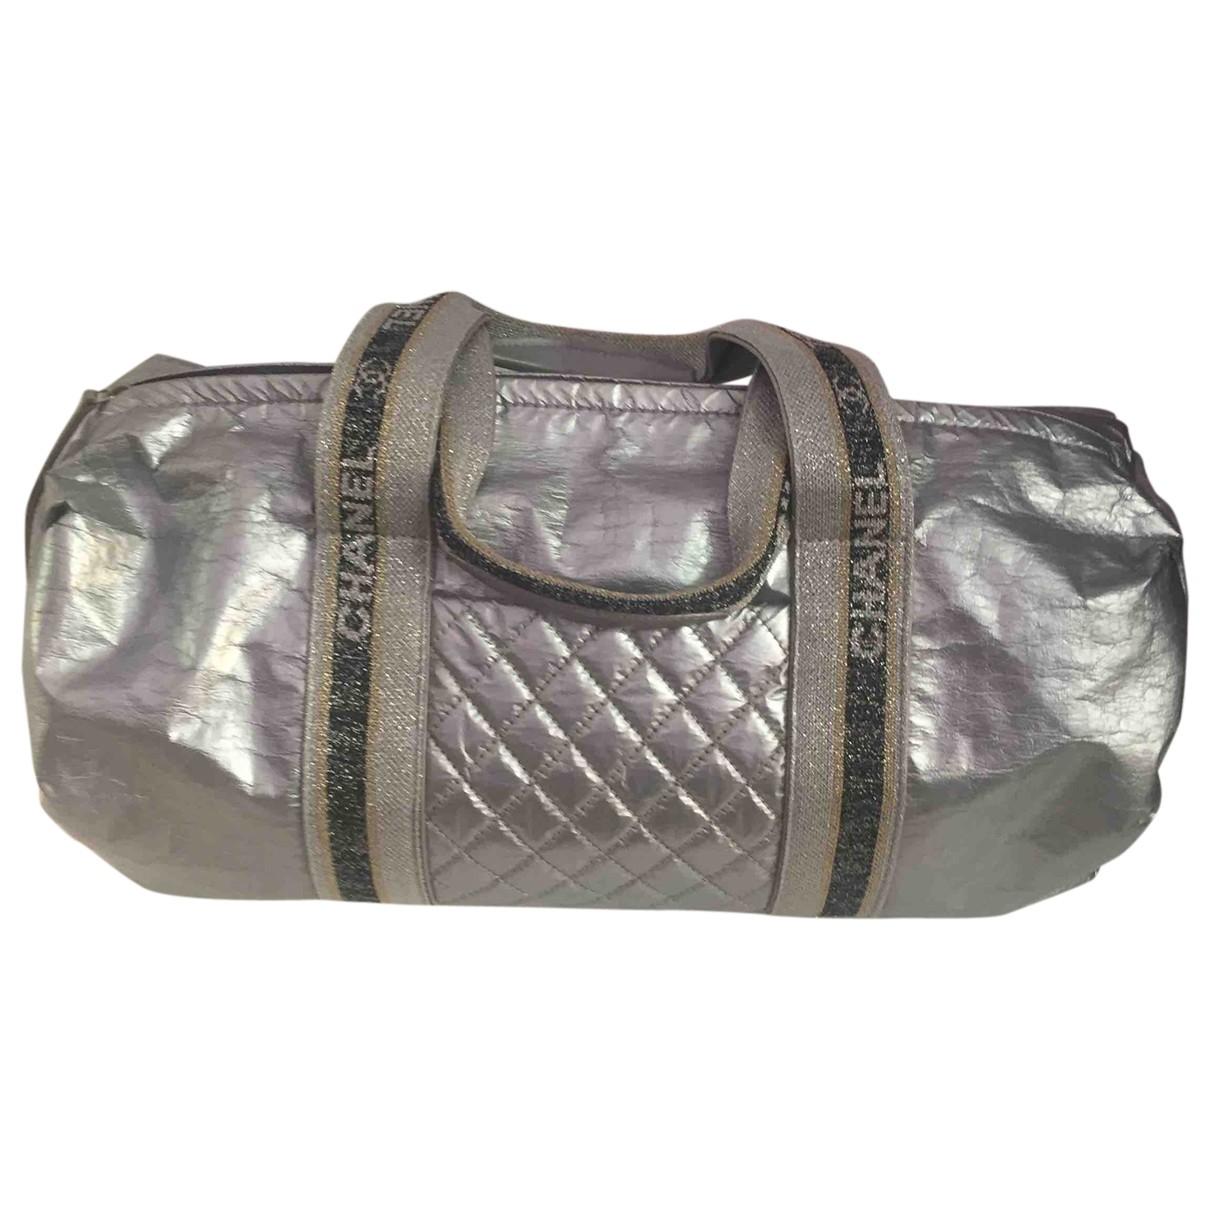 Chanel \N Silver handbag for Women \N